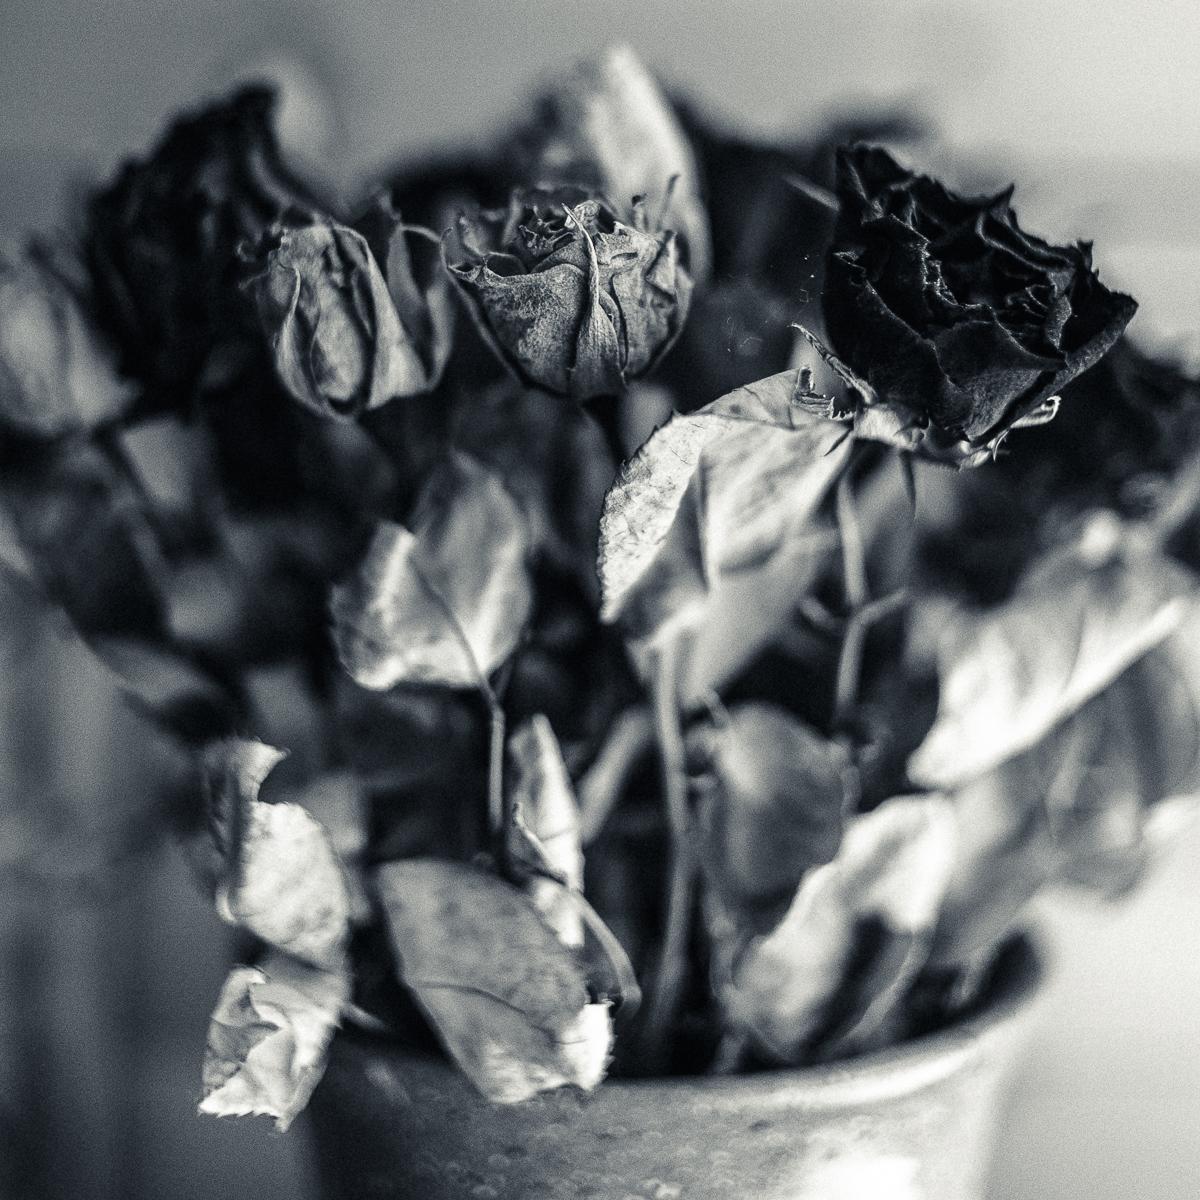 170903_deadflowers.bw5c_9342